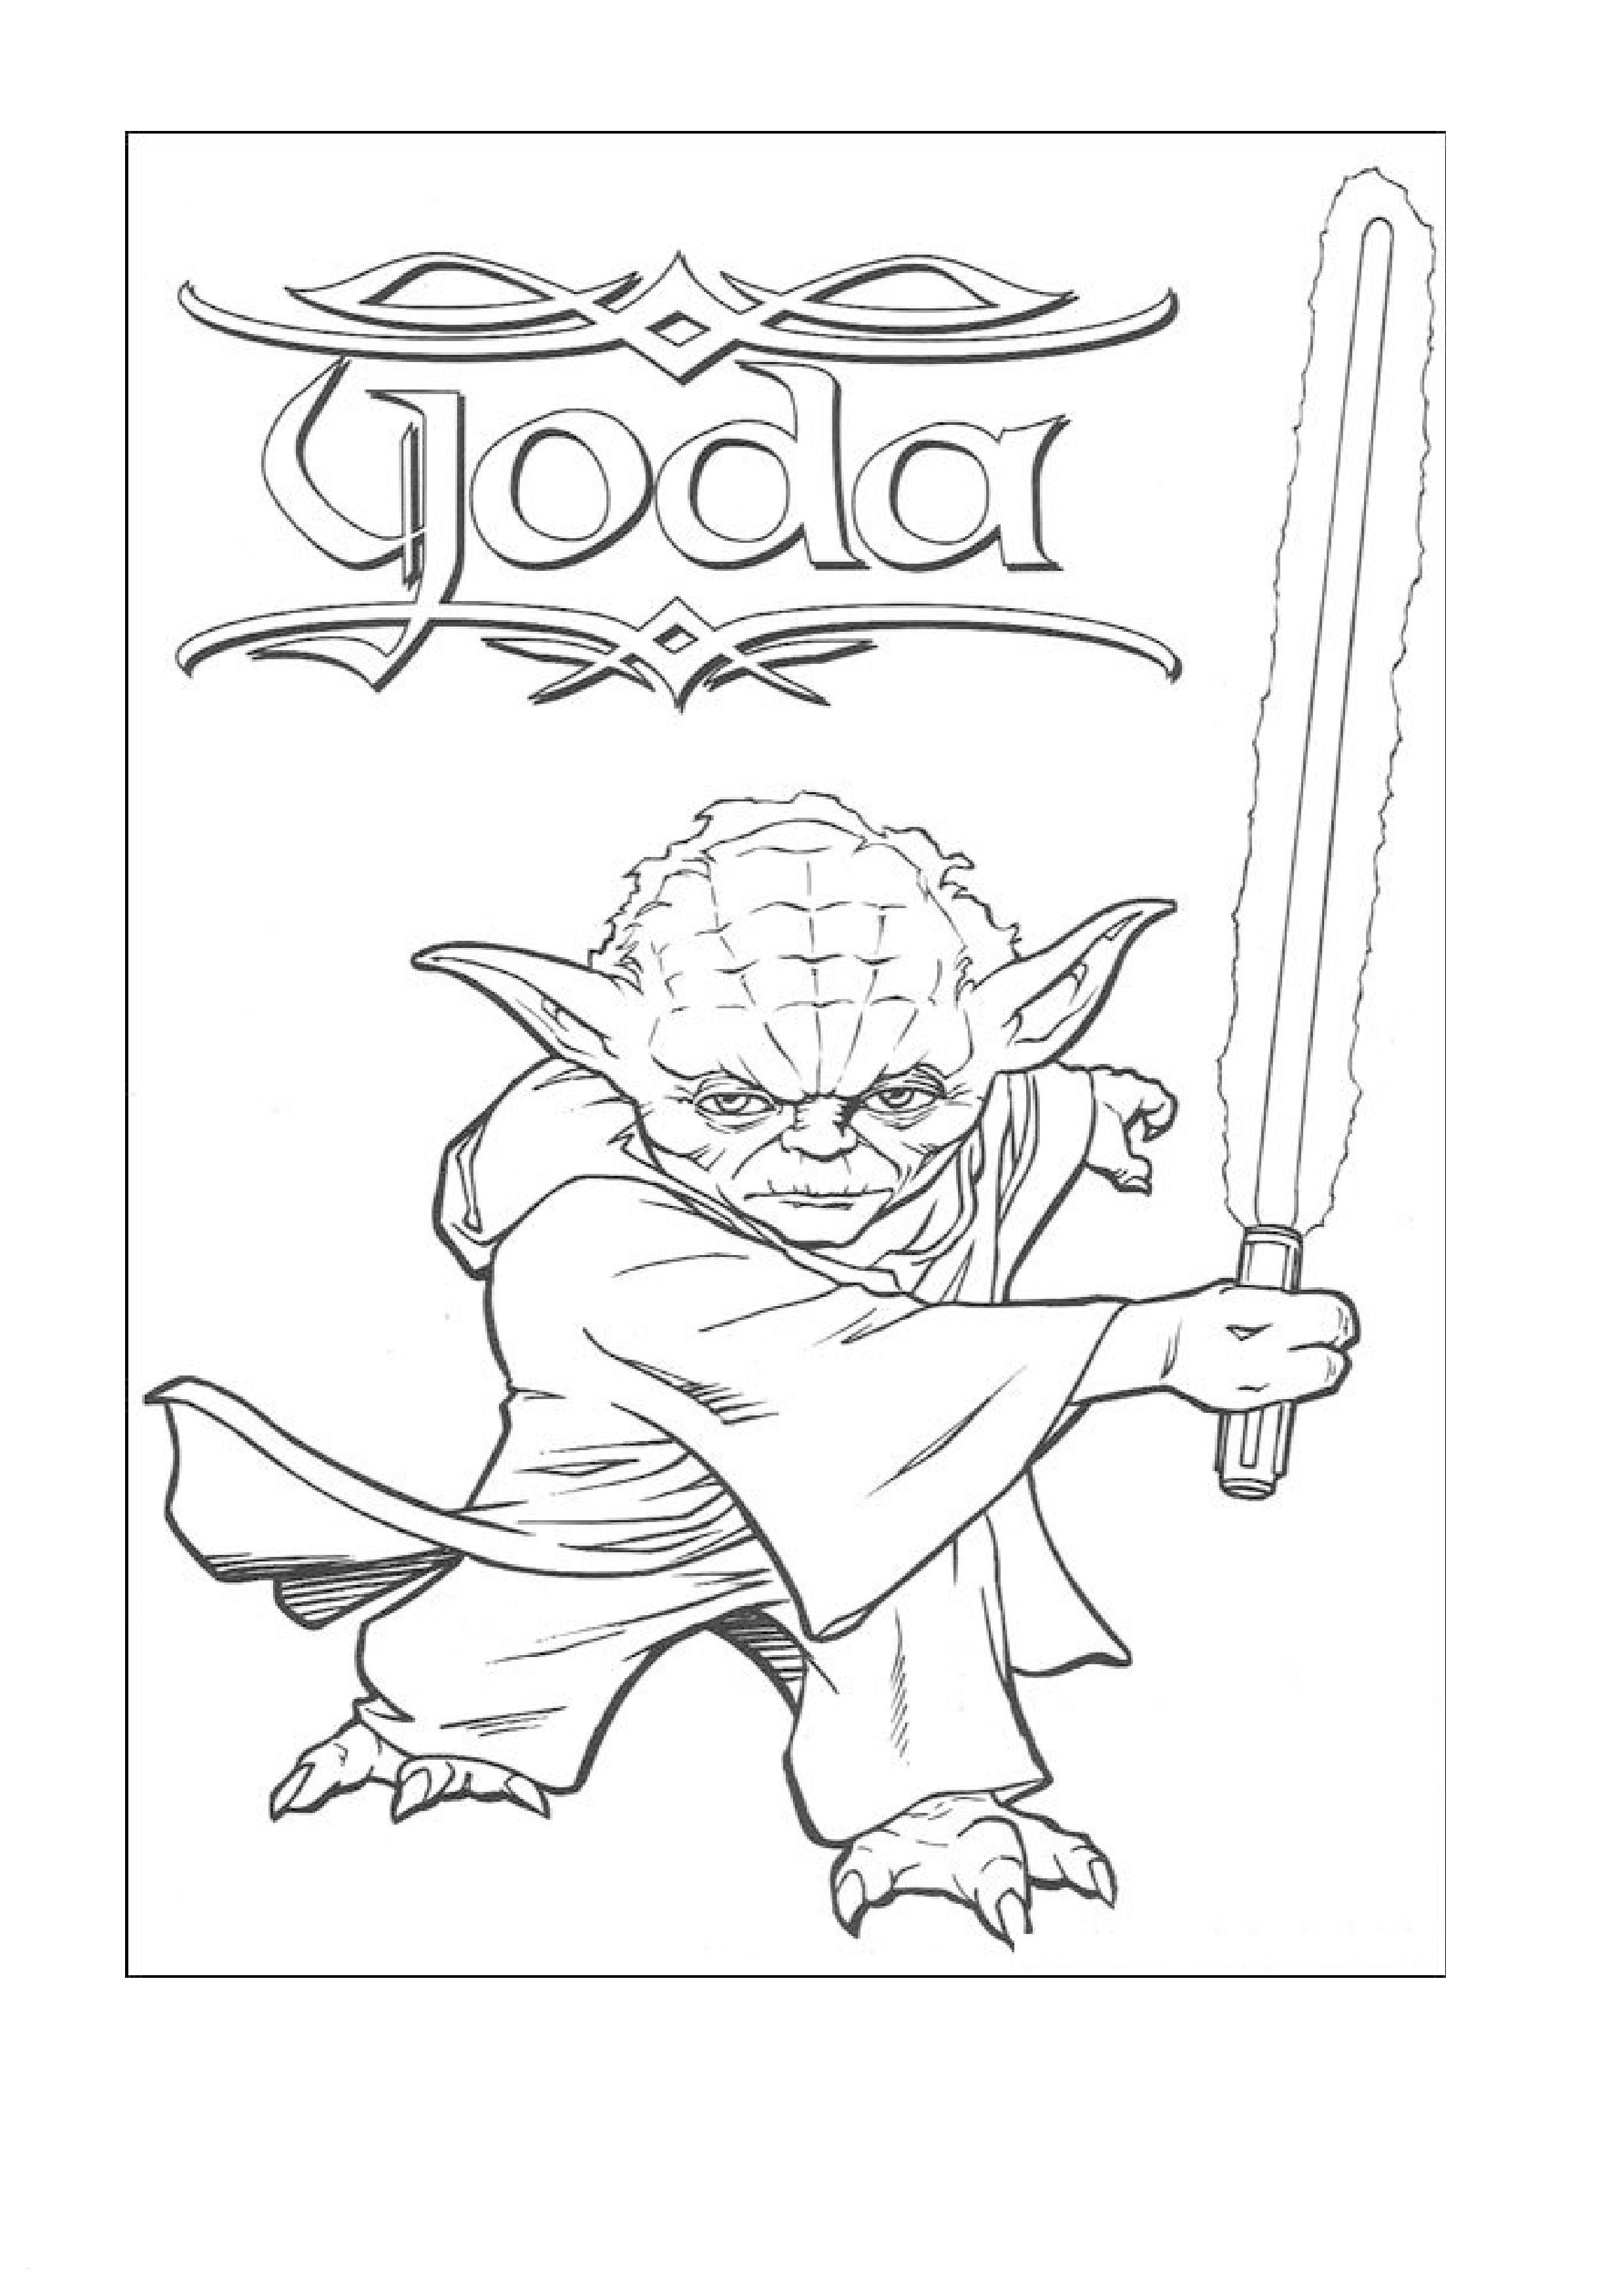 Star Wars the Clone Wars Ausmalbilder Das Beste Von Yoda Ausmalbilder Elegant Star Wars Free Coloring Pages Awesome Star Fotografieren